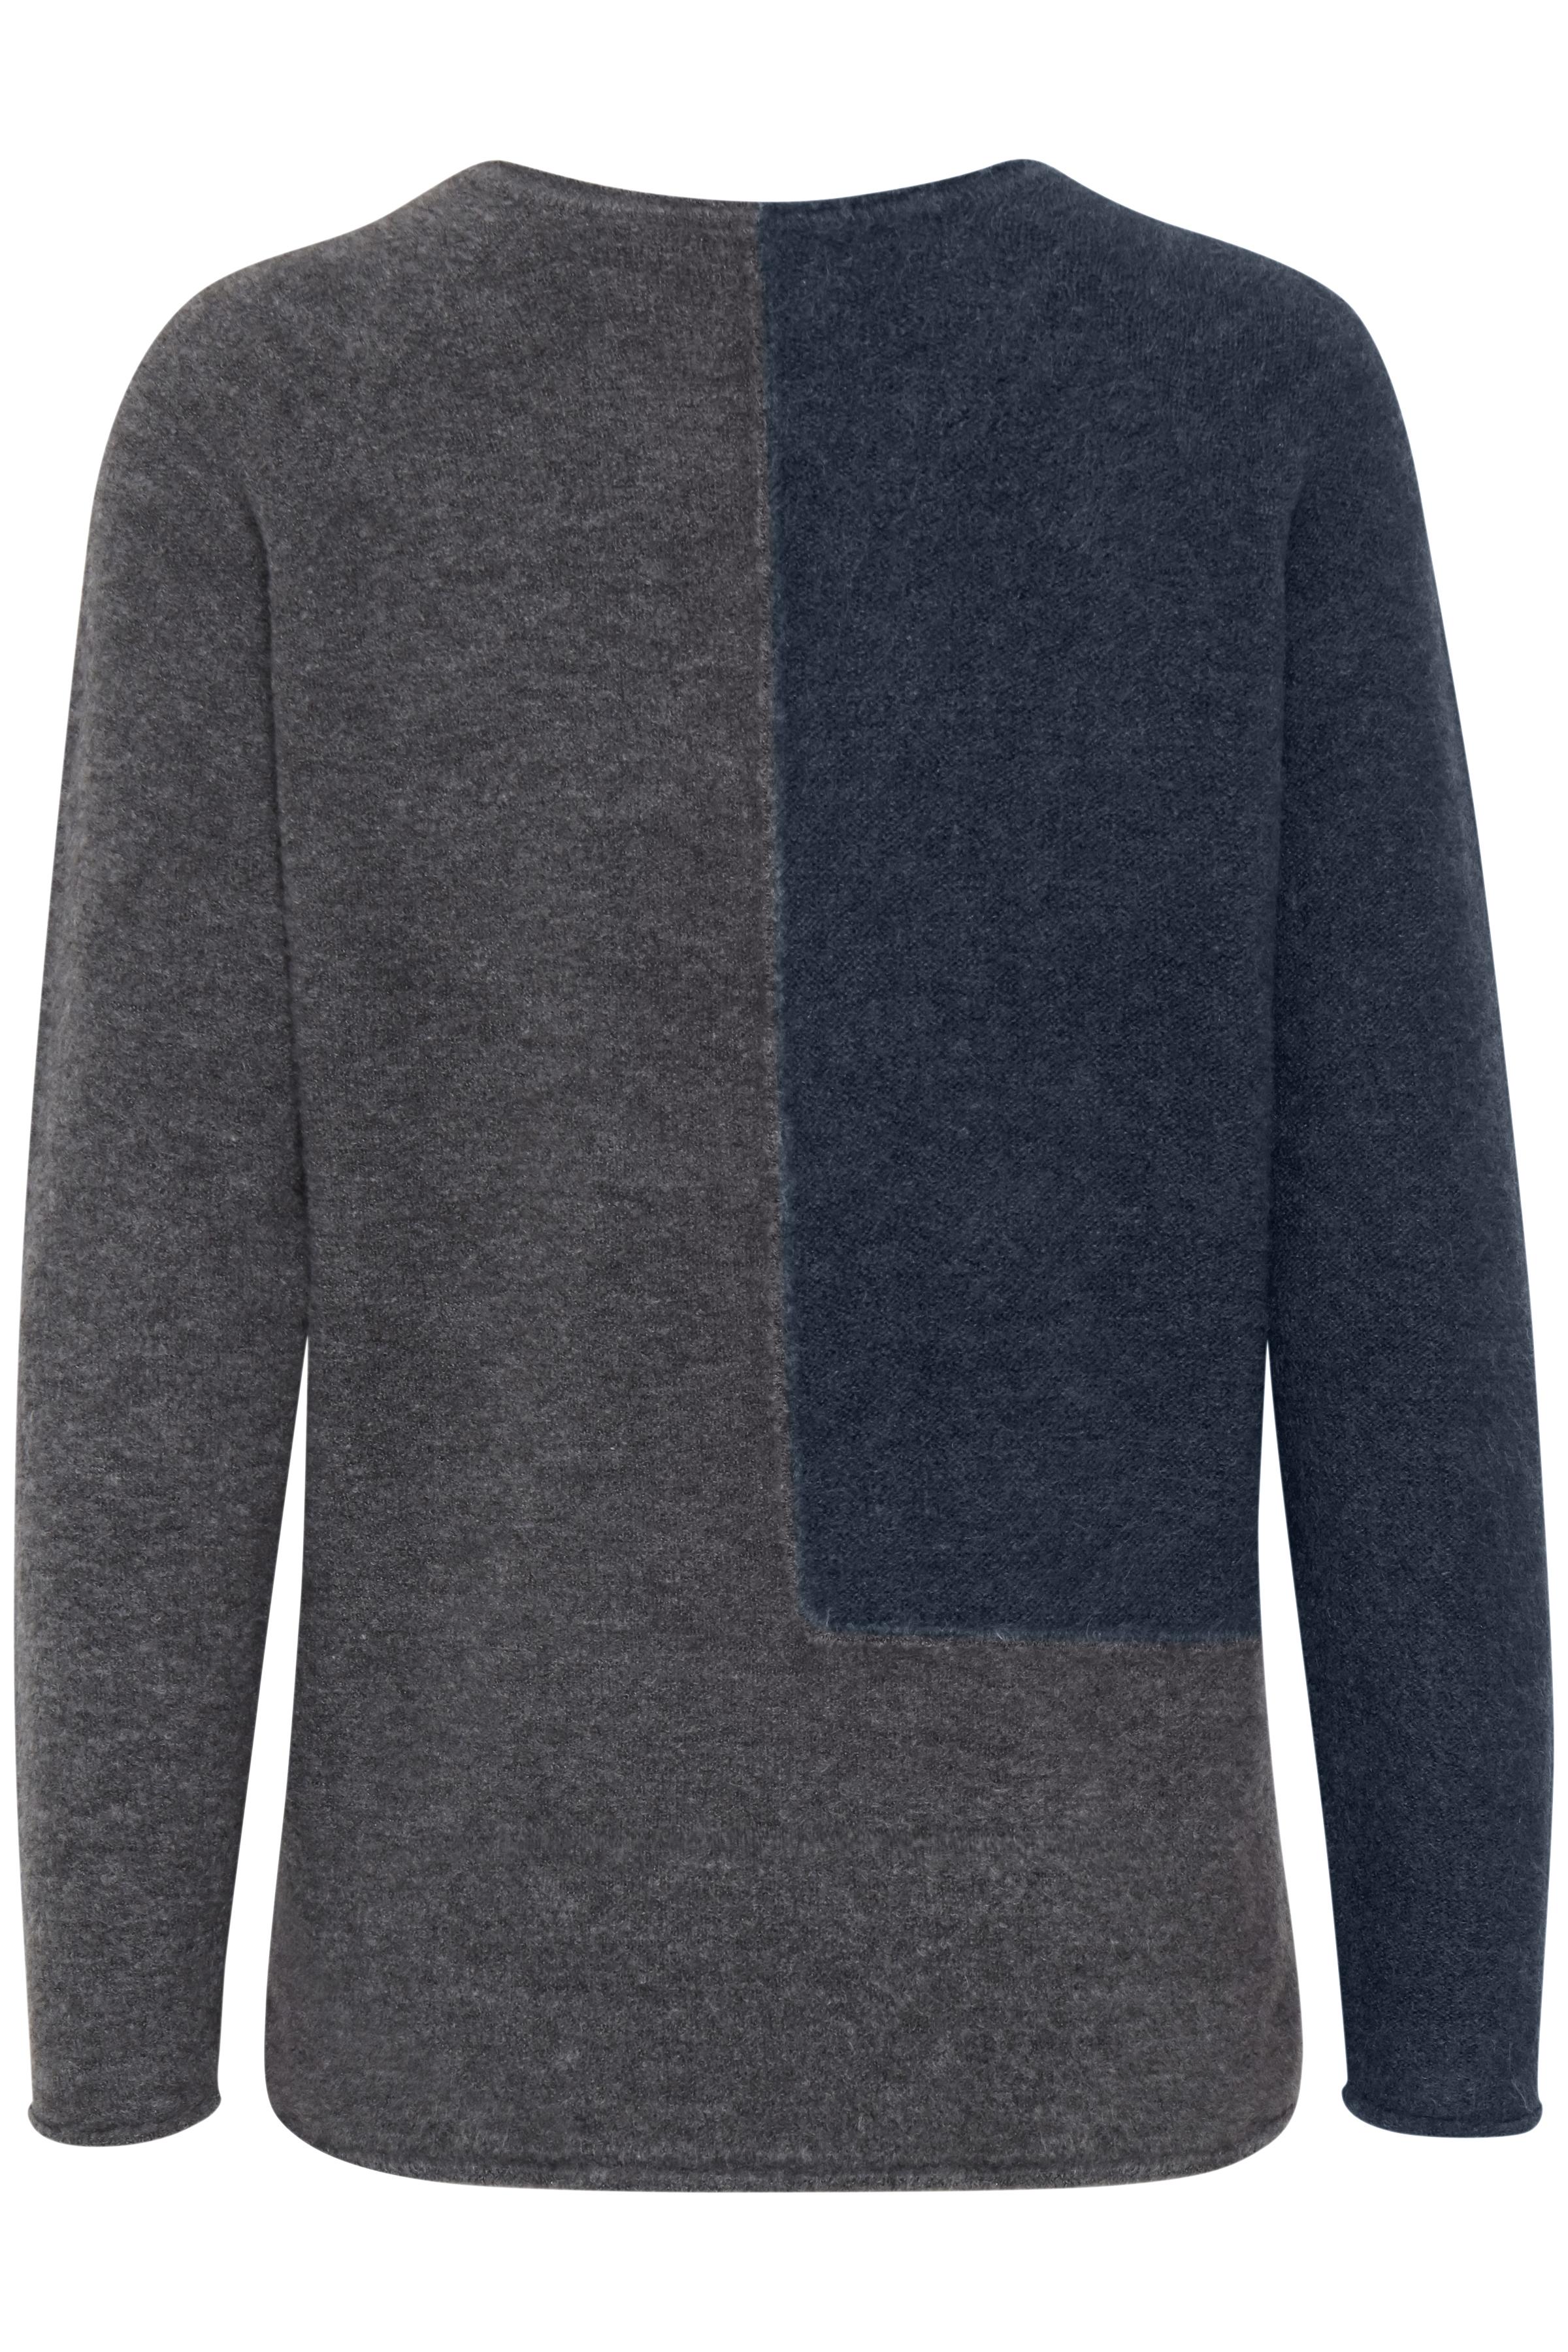 Petroleum/mörkgrå Stickad pullover från Fransa – Köp Petroleum/mörkgrå Stickad pullover från stl. XS-XXL här